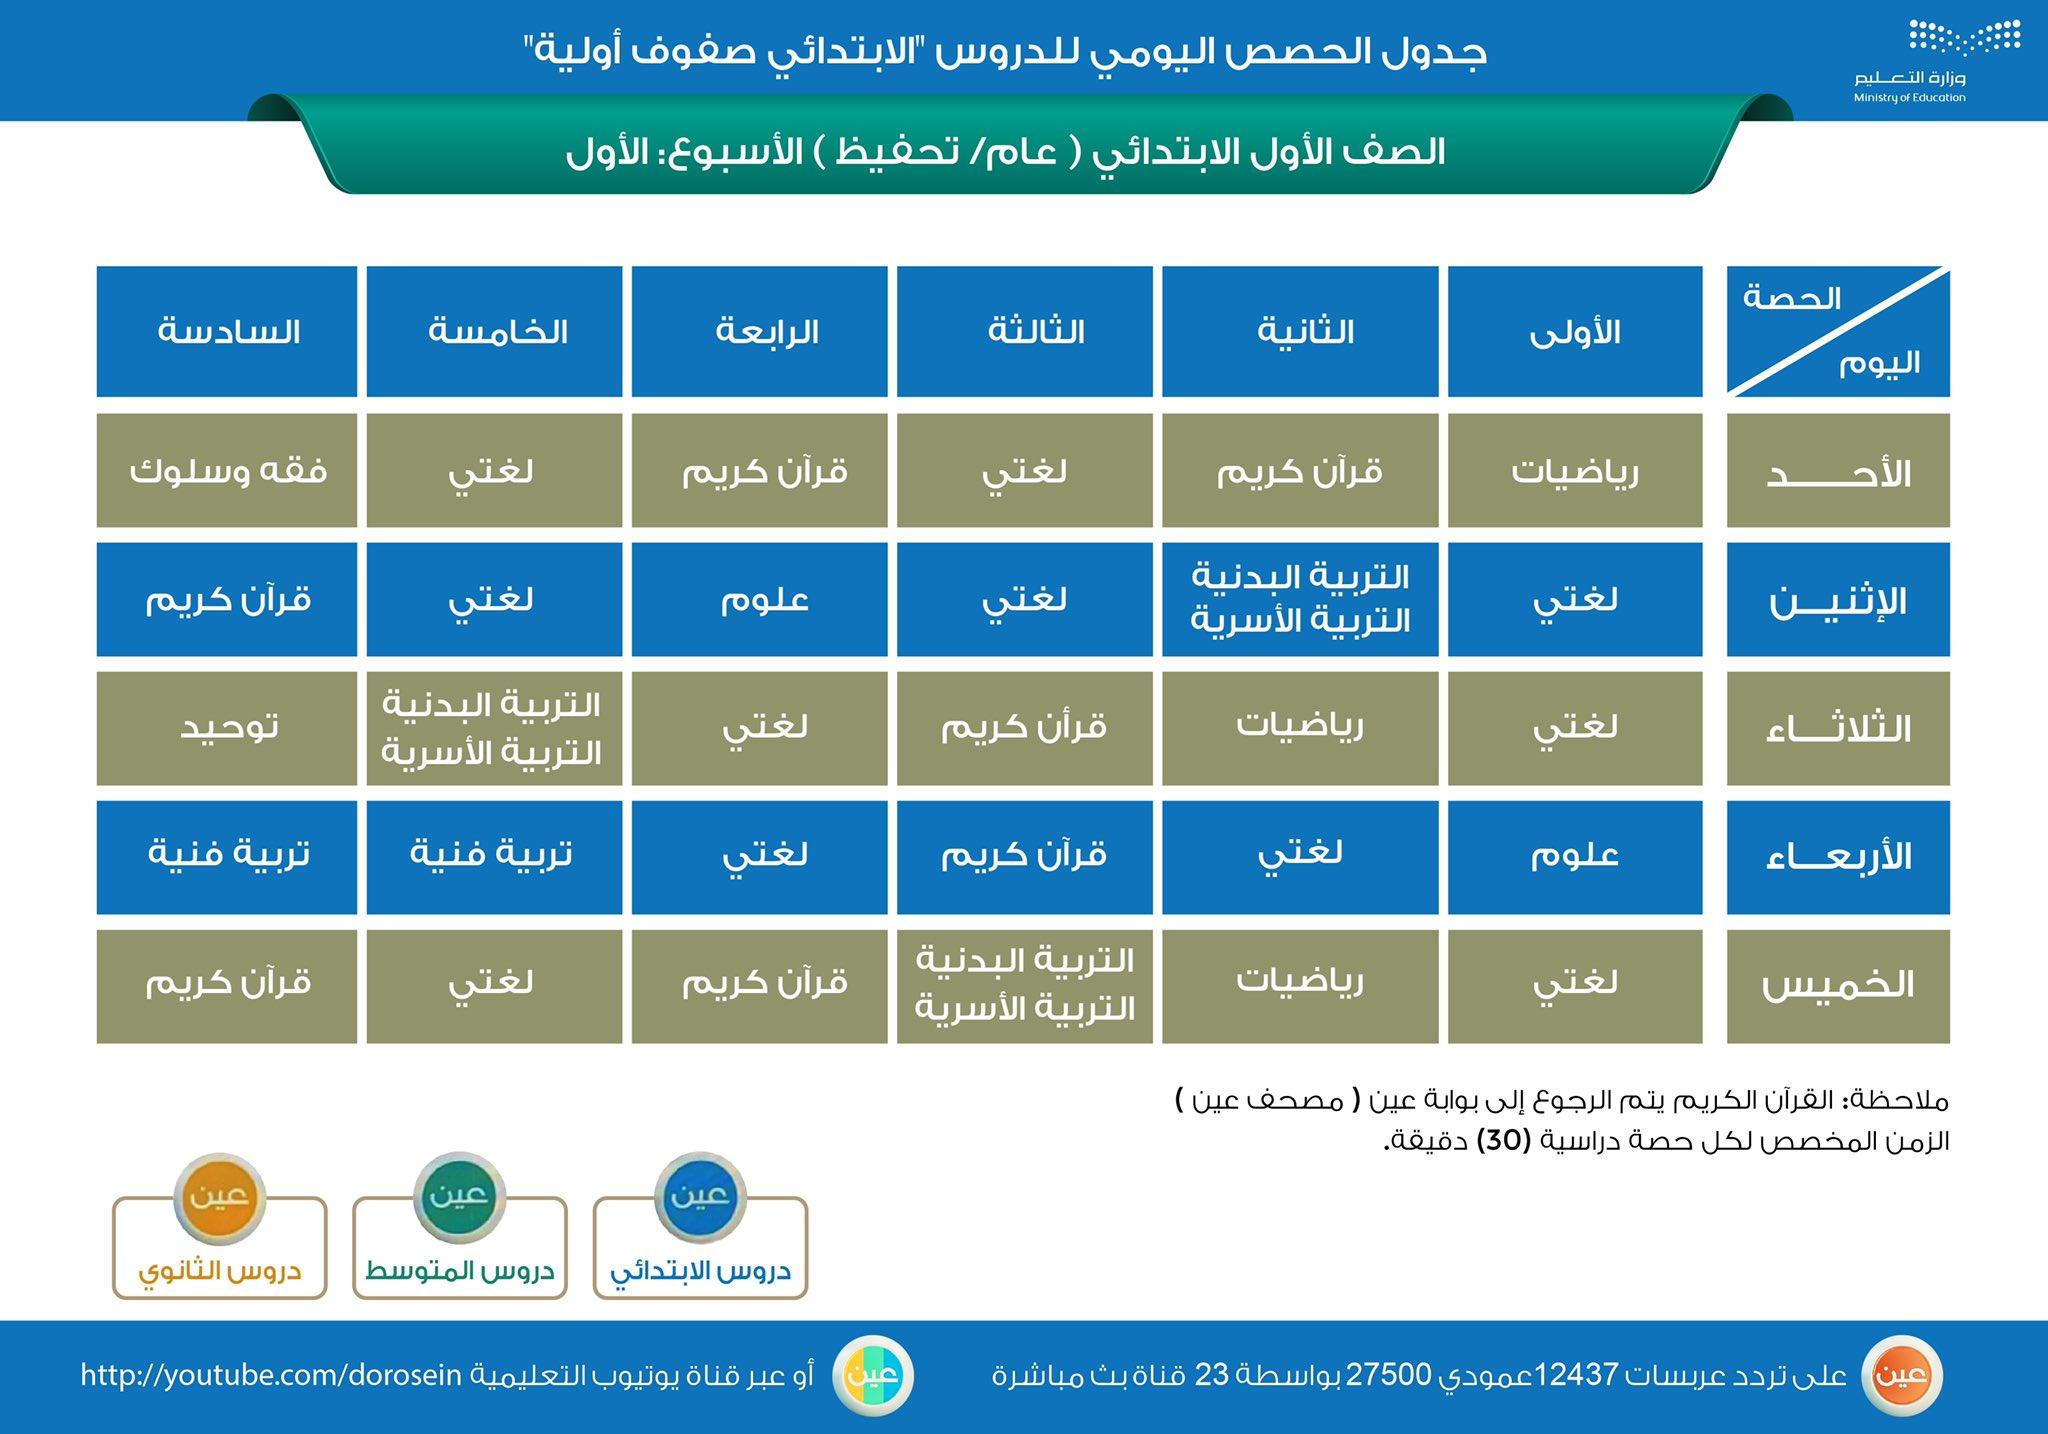 جدول دروس الحصص اليومية من الاسبوع الاول 1442 لجميع المراحل عبر قناة عين الموقع المثالي